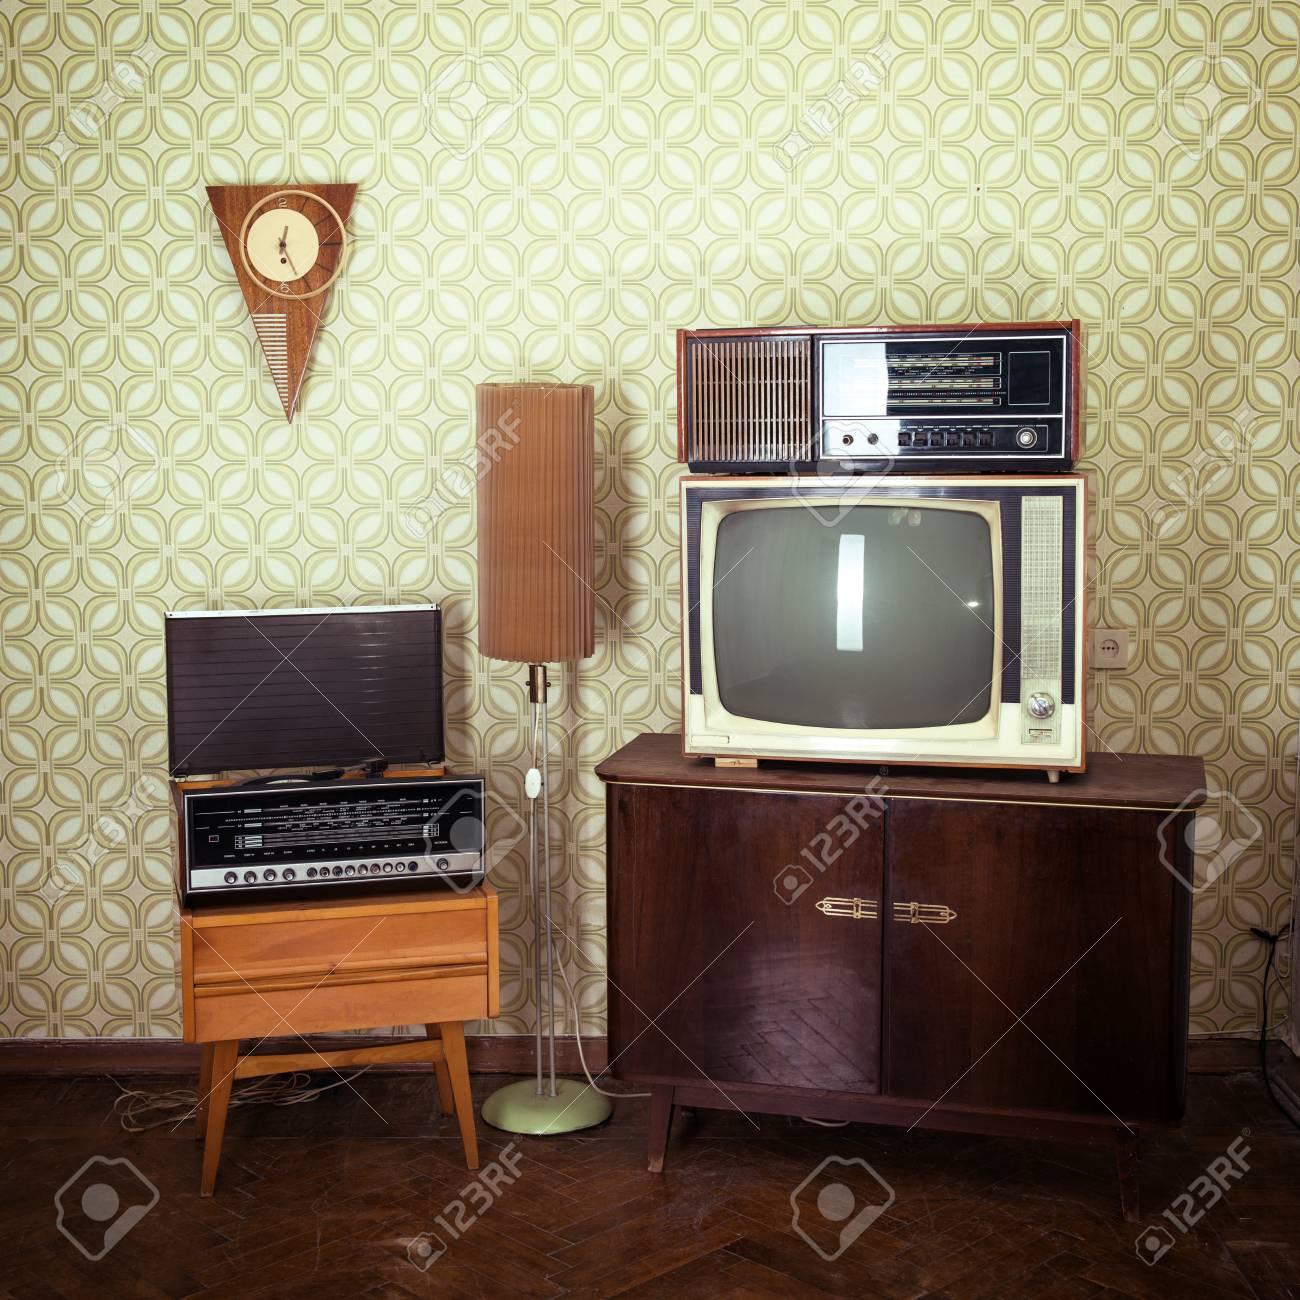 Chambre vintage avec papier peint, téléviseur, fauteuil à l\'ancienne,  lecteur rétro, haut-parleurs, horloges et lampe standart, tonique